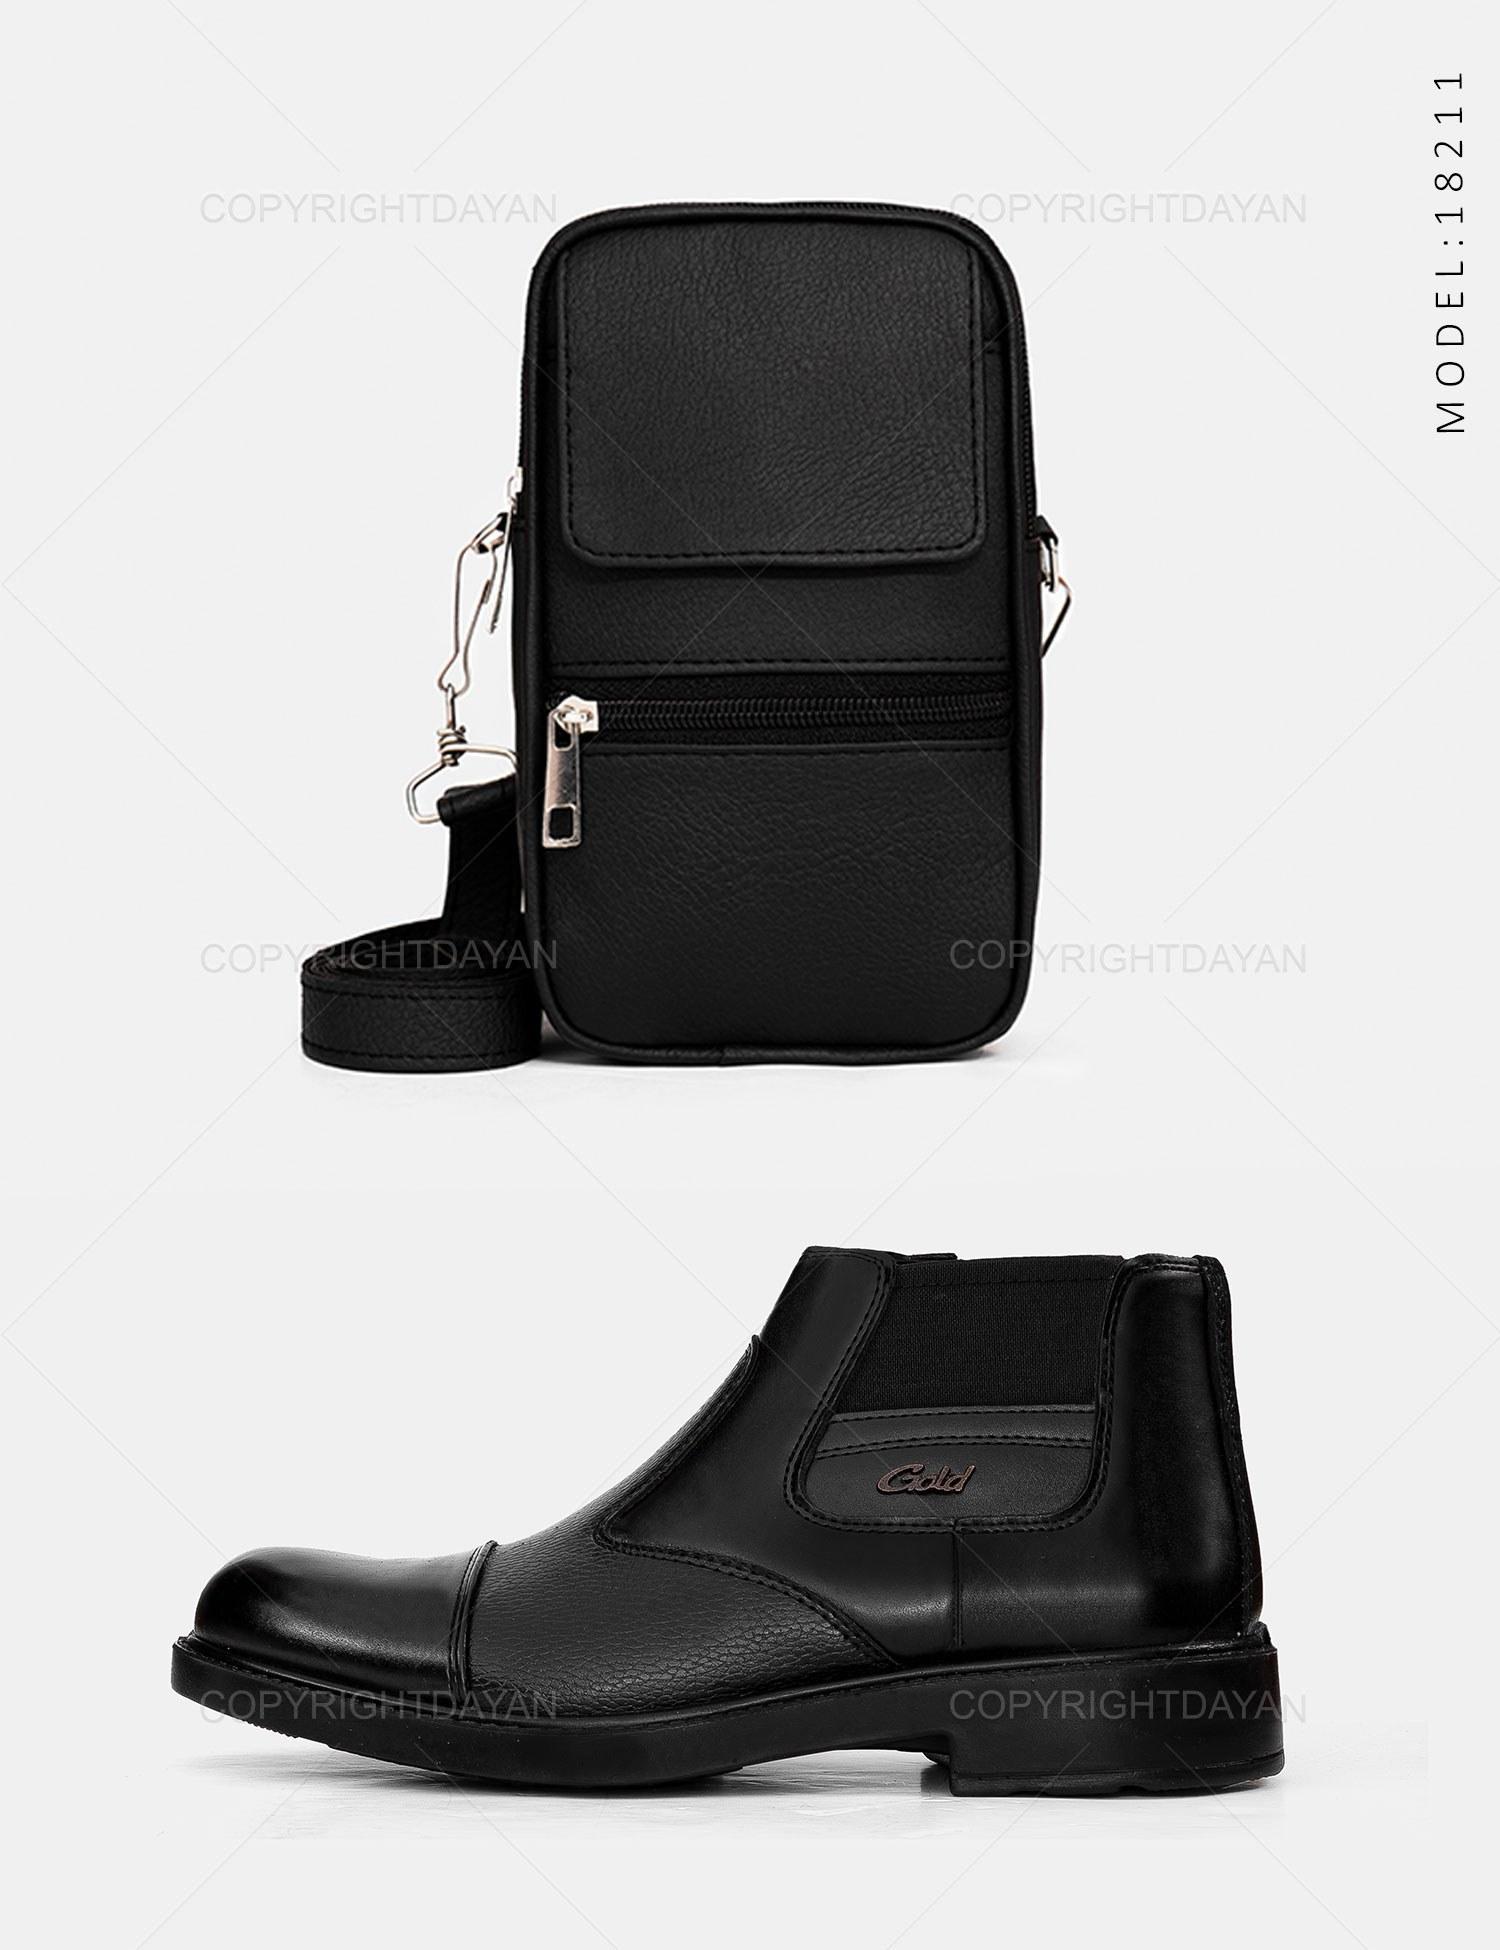 تصویر ست کیف و کفش Maran مدل 18211